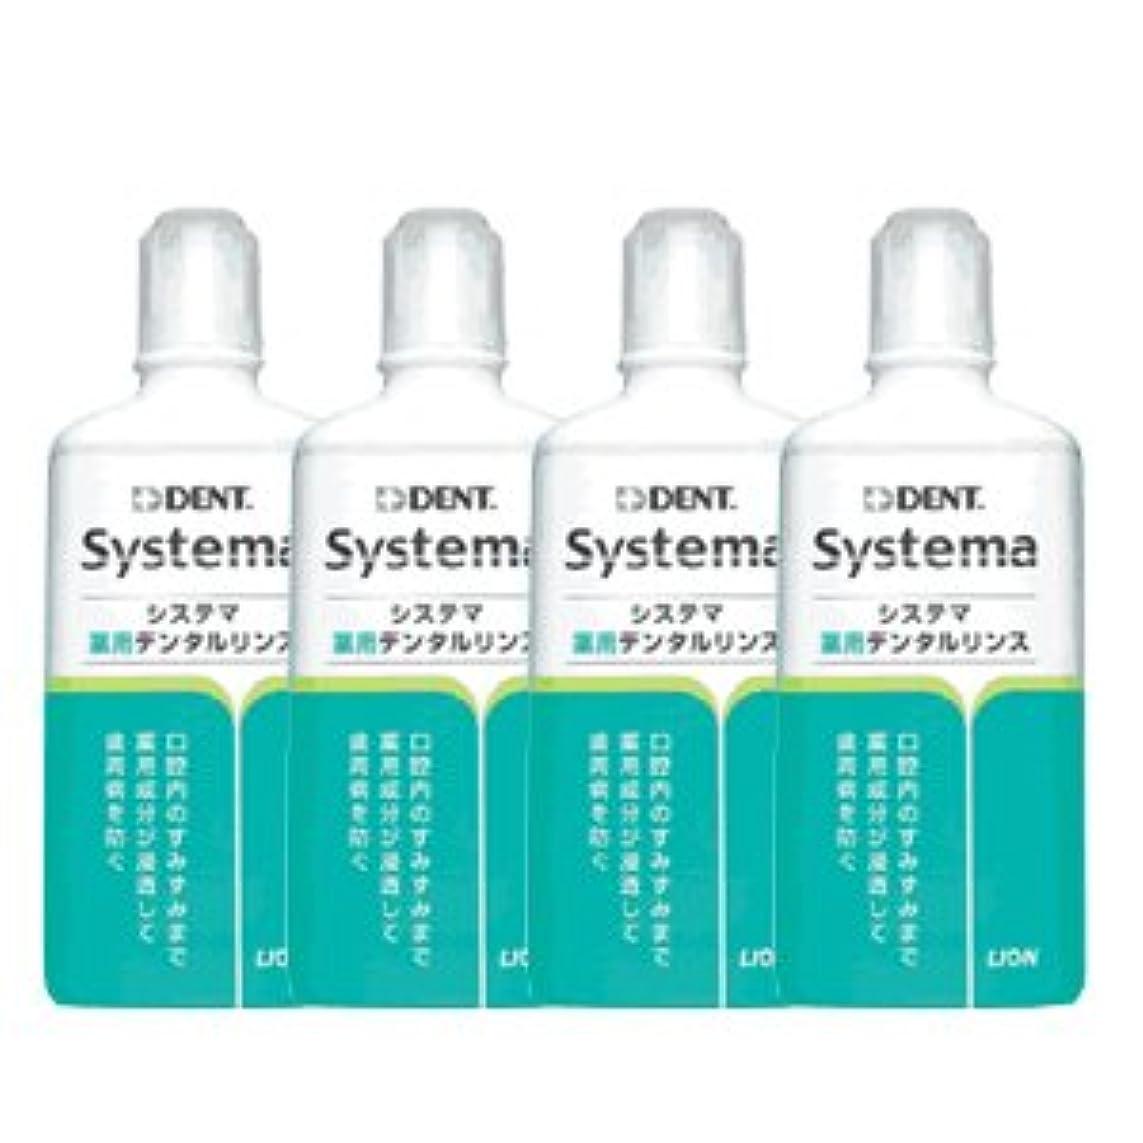 機械押すコピーライオン システマ 薬用 デンタルリンス 450ml レギュラータイプ 4本セット 医薬部外品